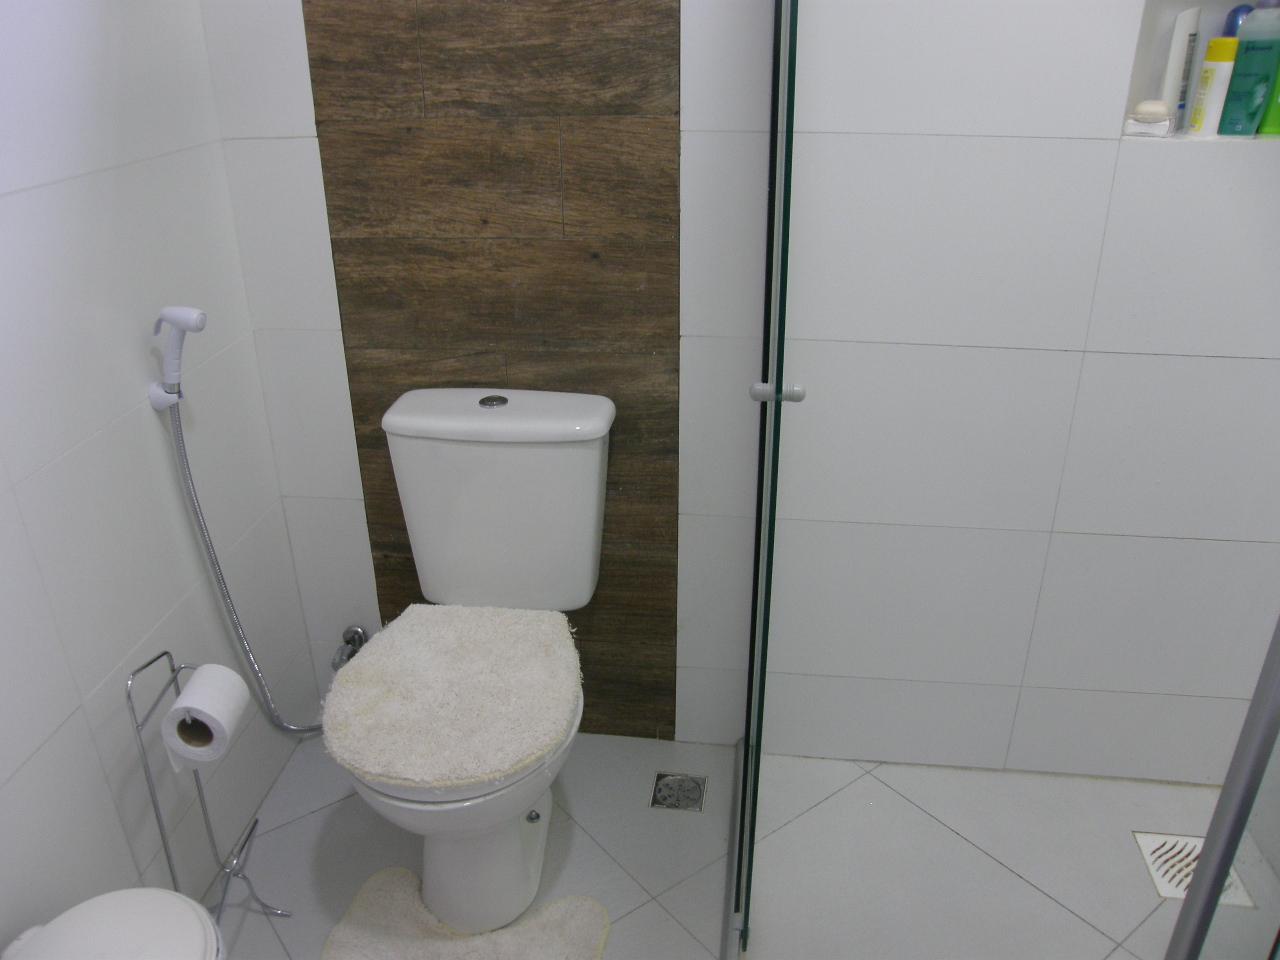 entre os dois banheiros é o painel na parede atrás dos vasos #356147 1280x960 Banheiro Casal Dois Vasos